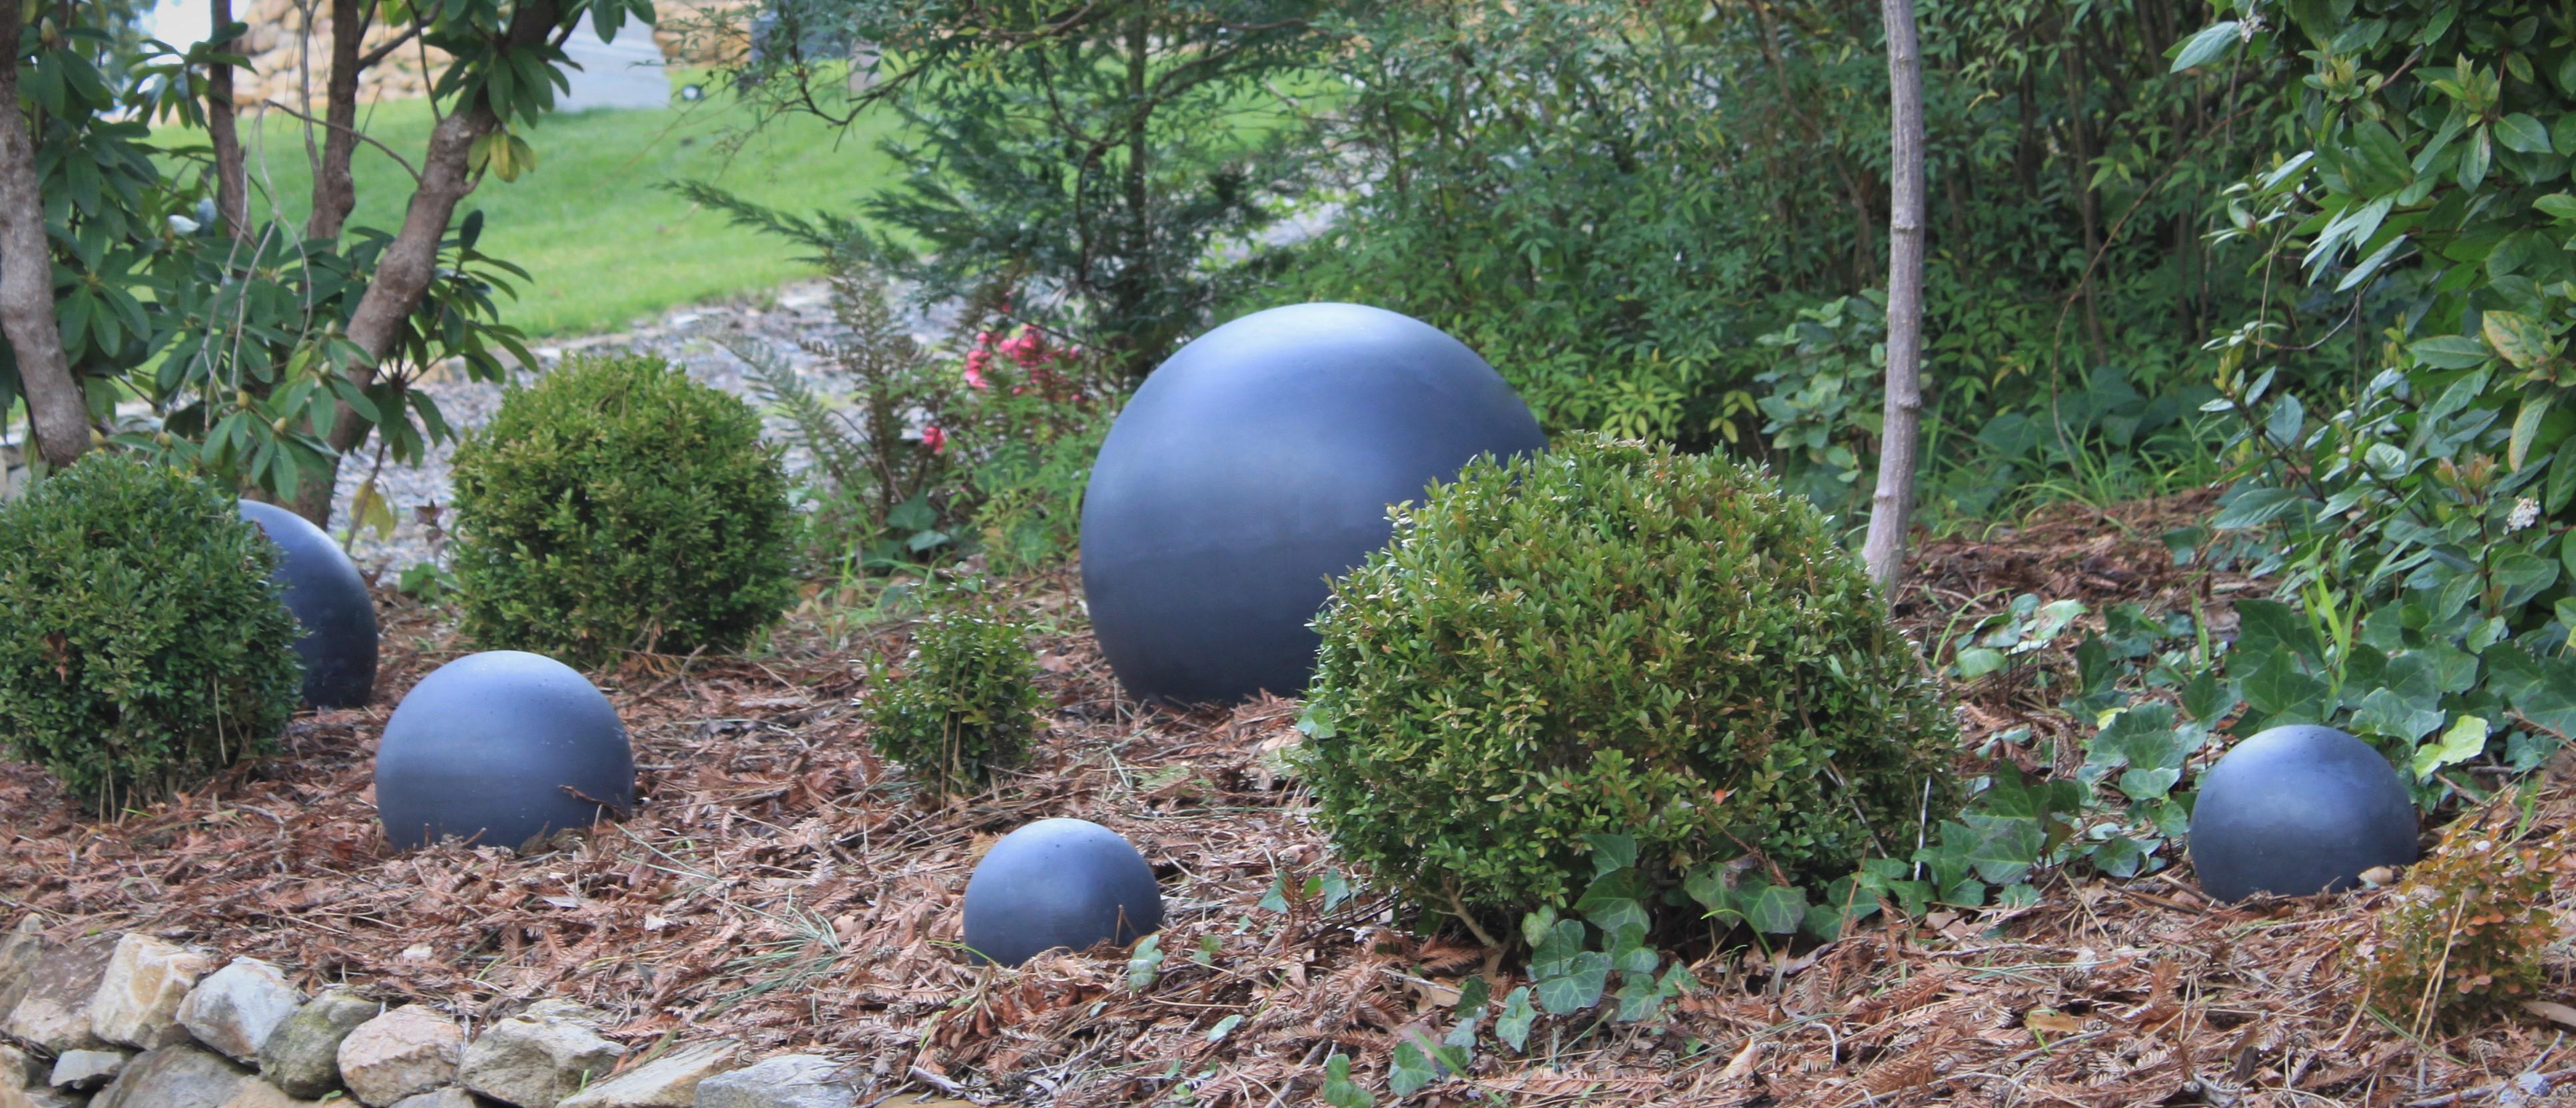 Garden Spheres Garden Balls Stone balls